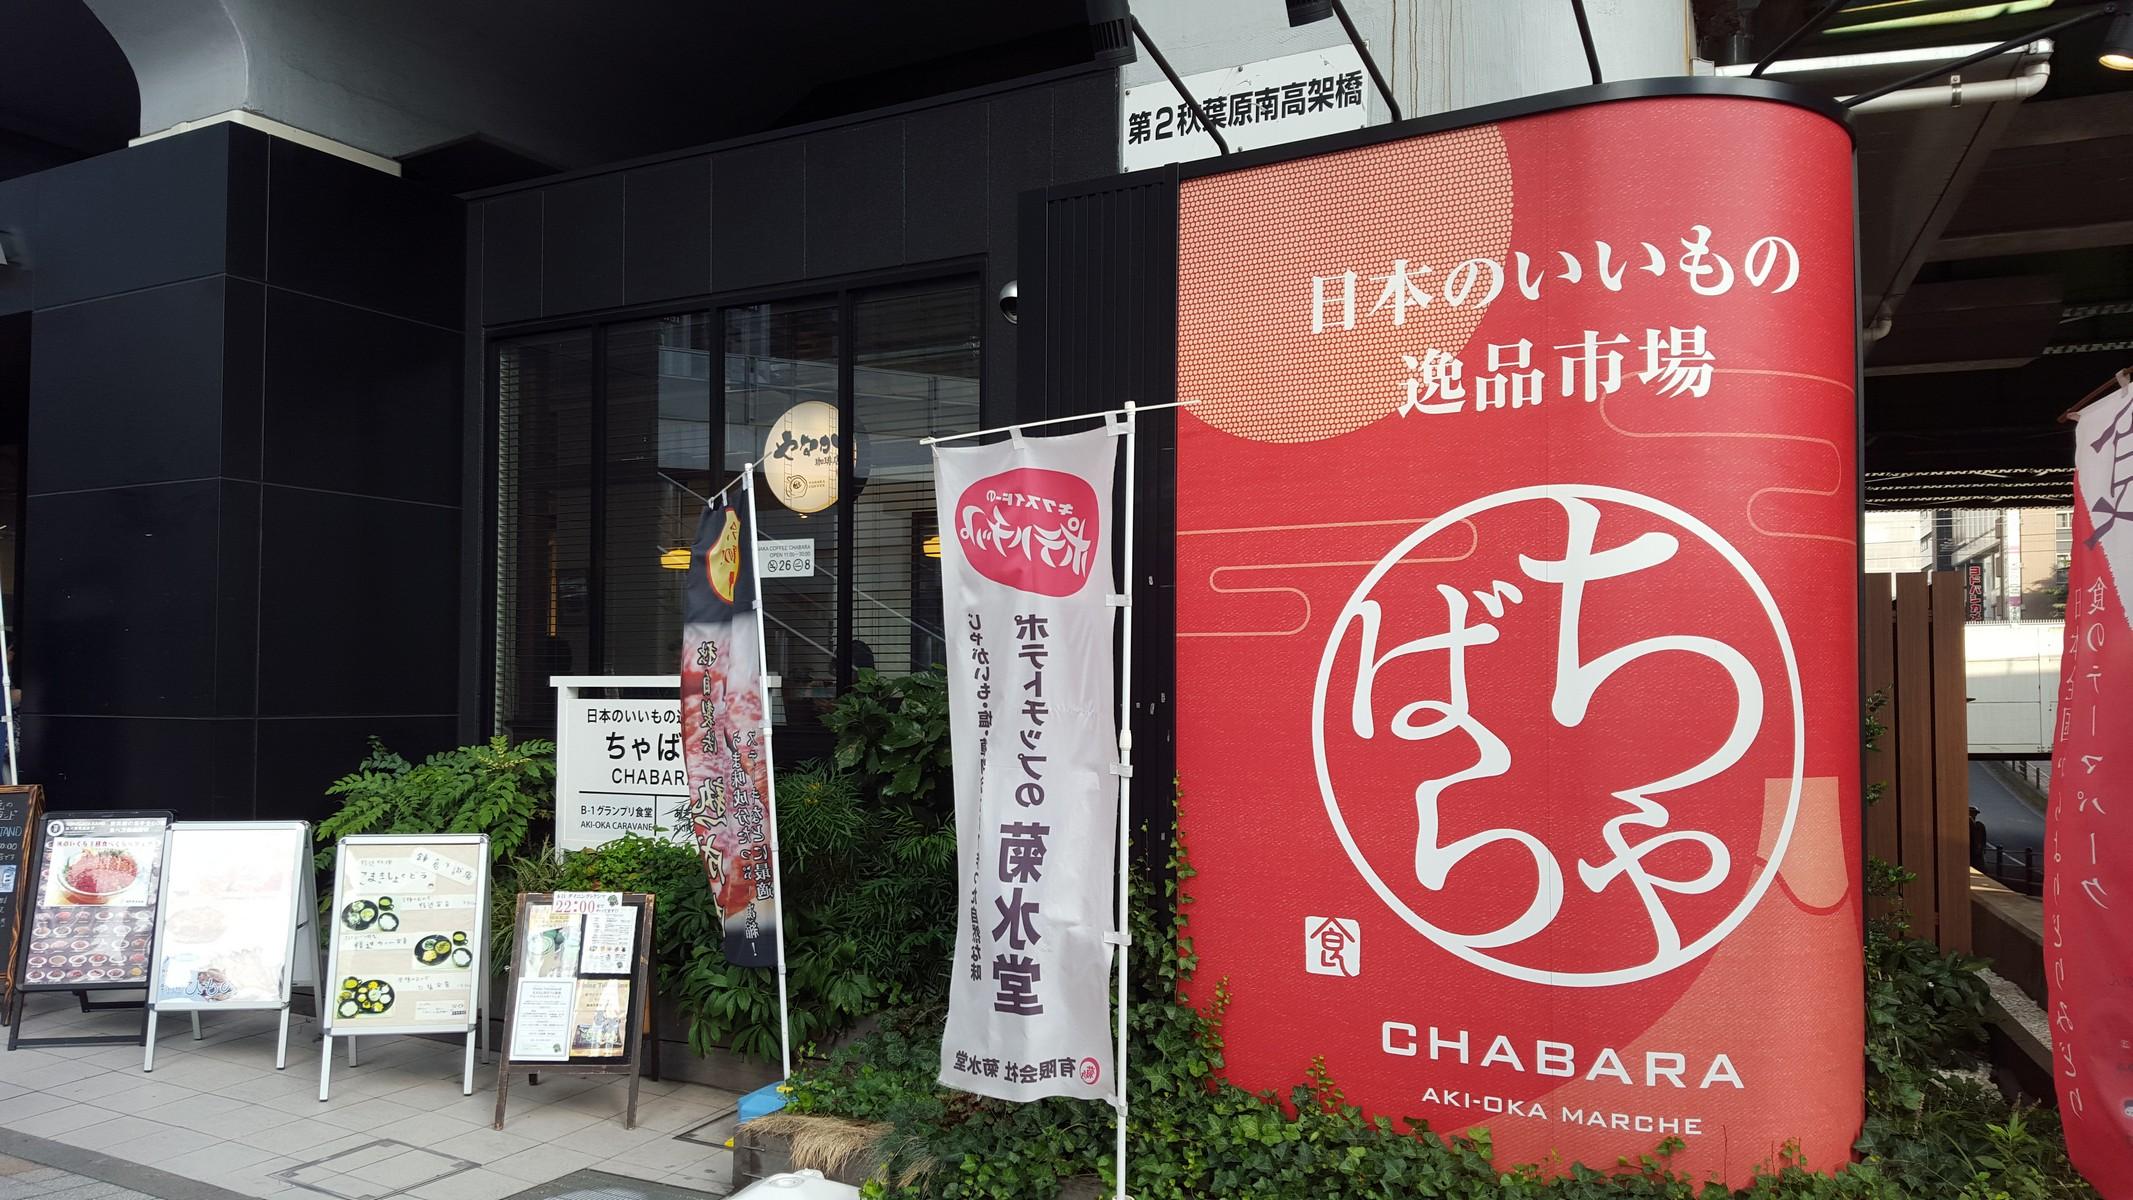 複合施設「CHABARA」【こまきしょくどう鎌倉不識庵/秋葉原】